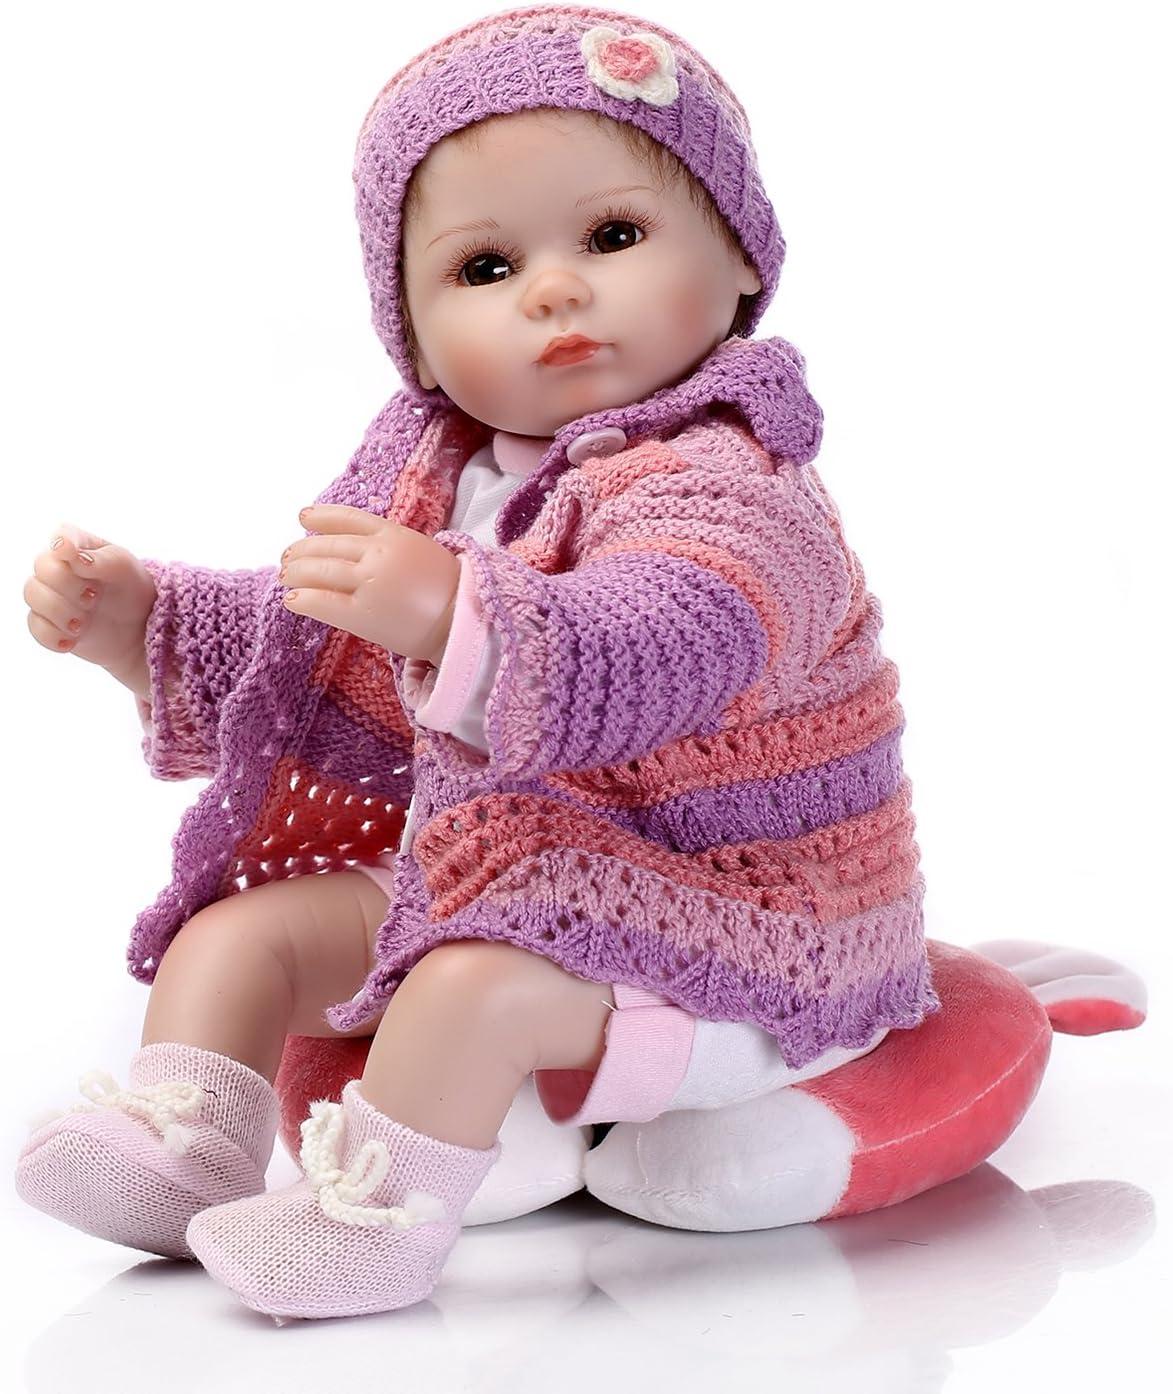 Pinky Reborn 18 Pulgadas 45cm Muñeca de Silicona Realista Reborn Baby Dolls en Tela Cuerpo Juguetes para niños Cumpleaños Traje de Tejer